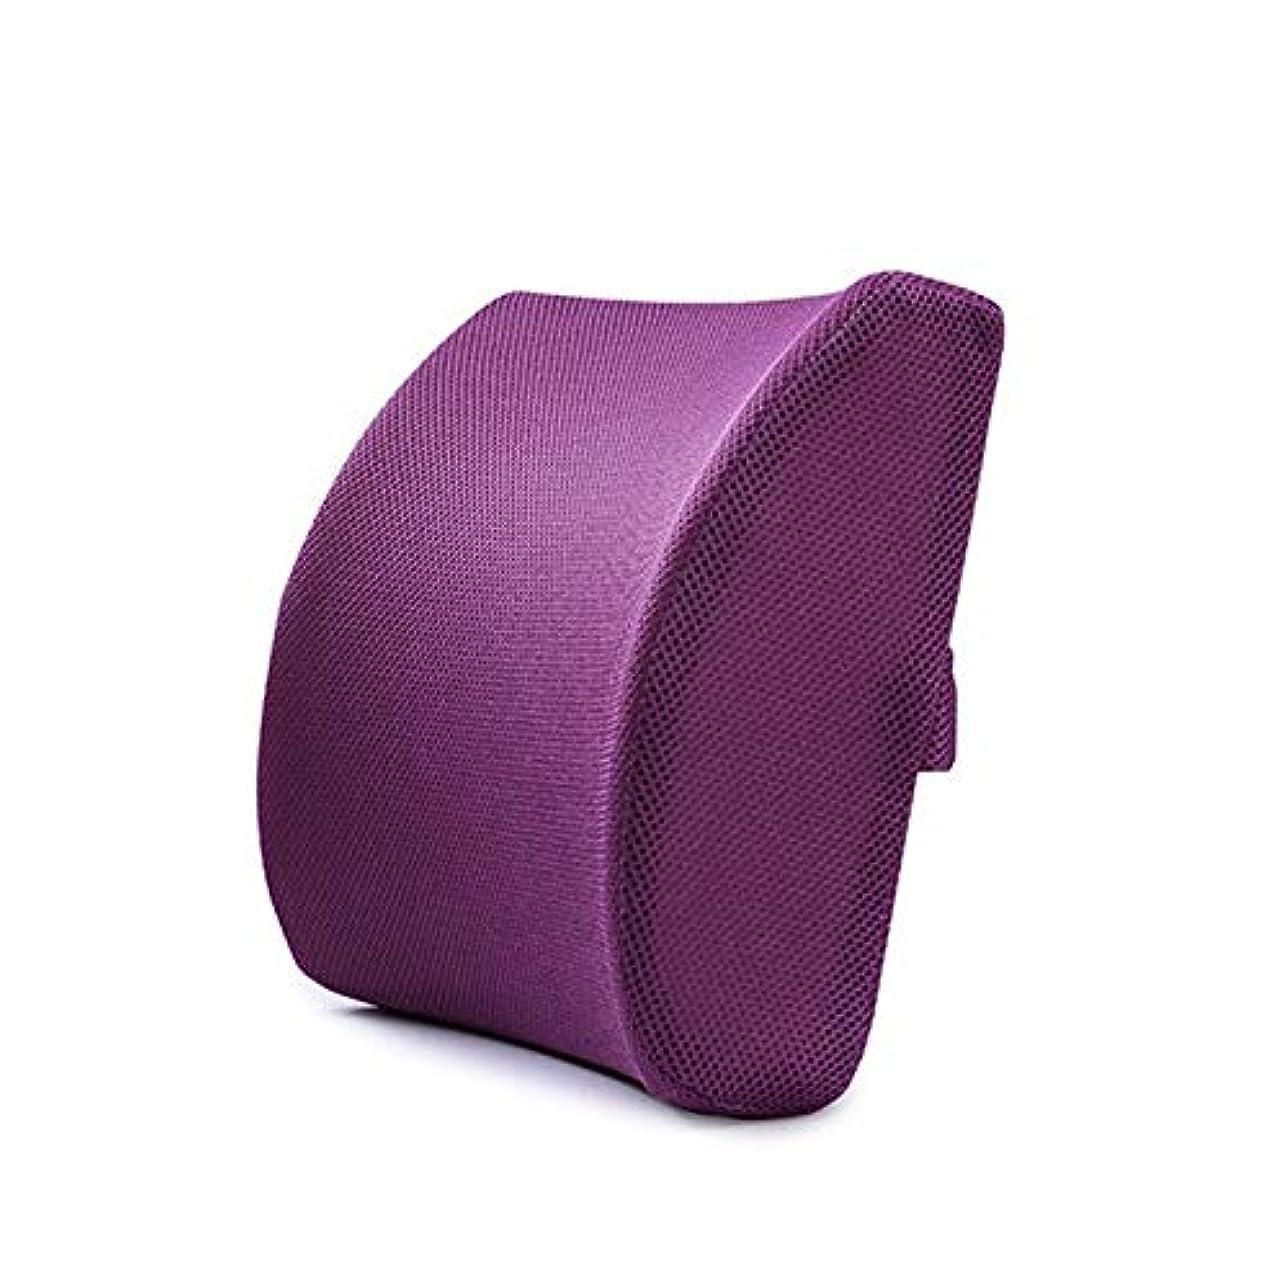 路面電車エレガント電気陽性LIFE ホームオフィス背もたれ椅子腰椎クッションカーシートネック枕 3D 低反発サポートバックマッサージウエストレスリビング枕 クッション 椅子